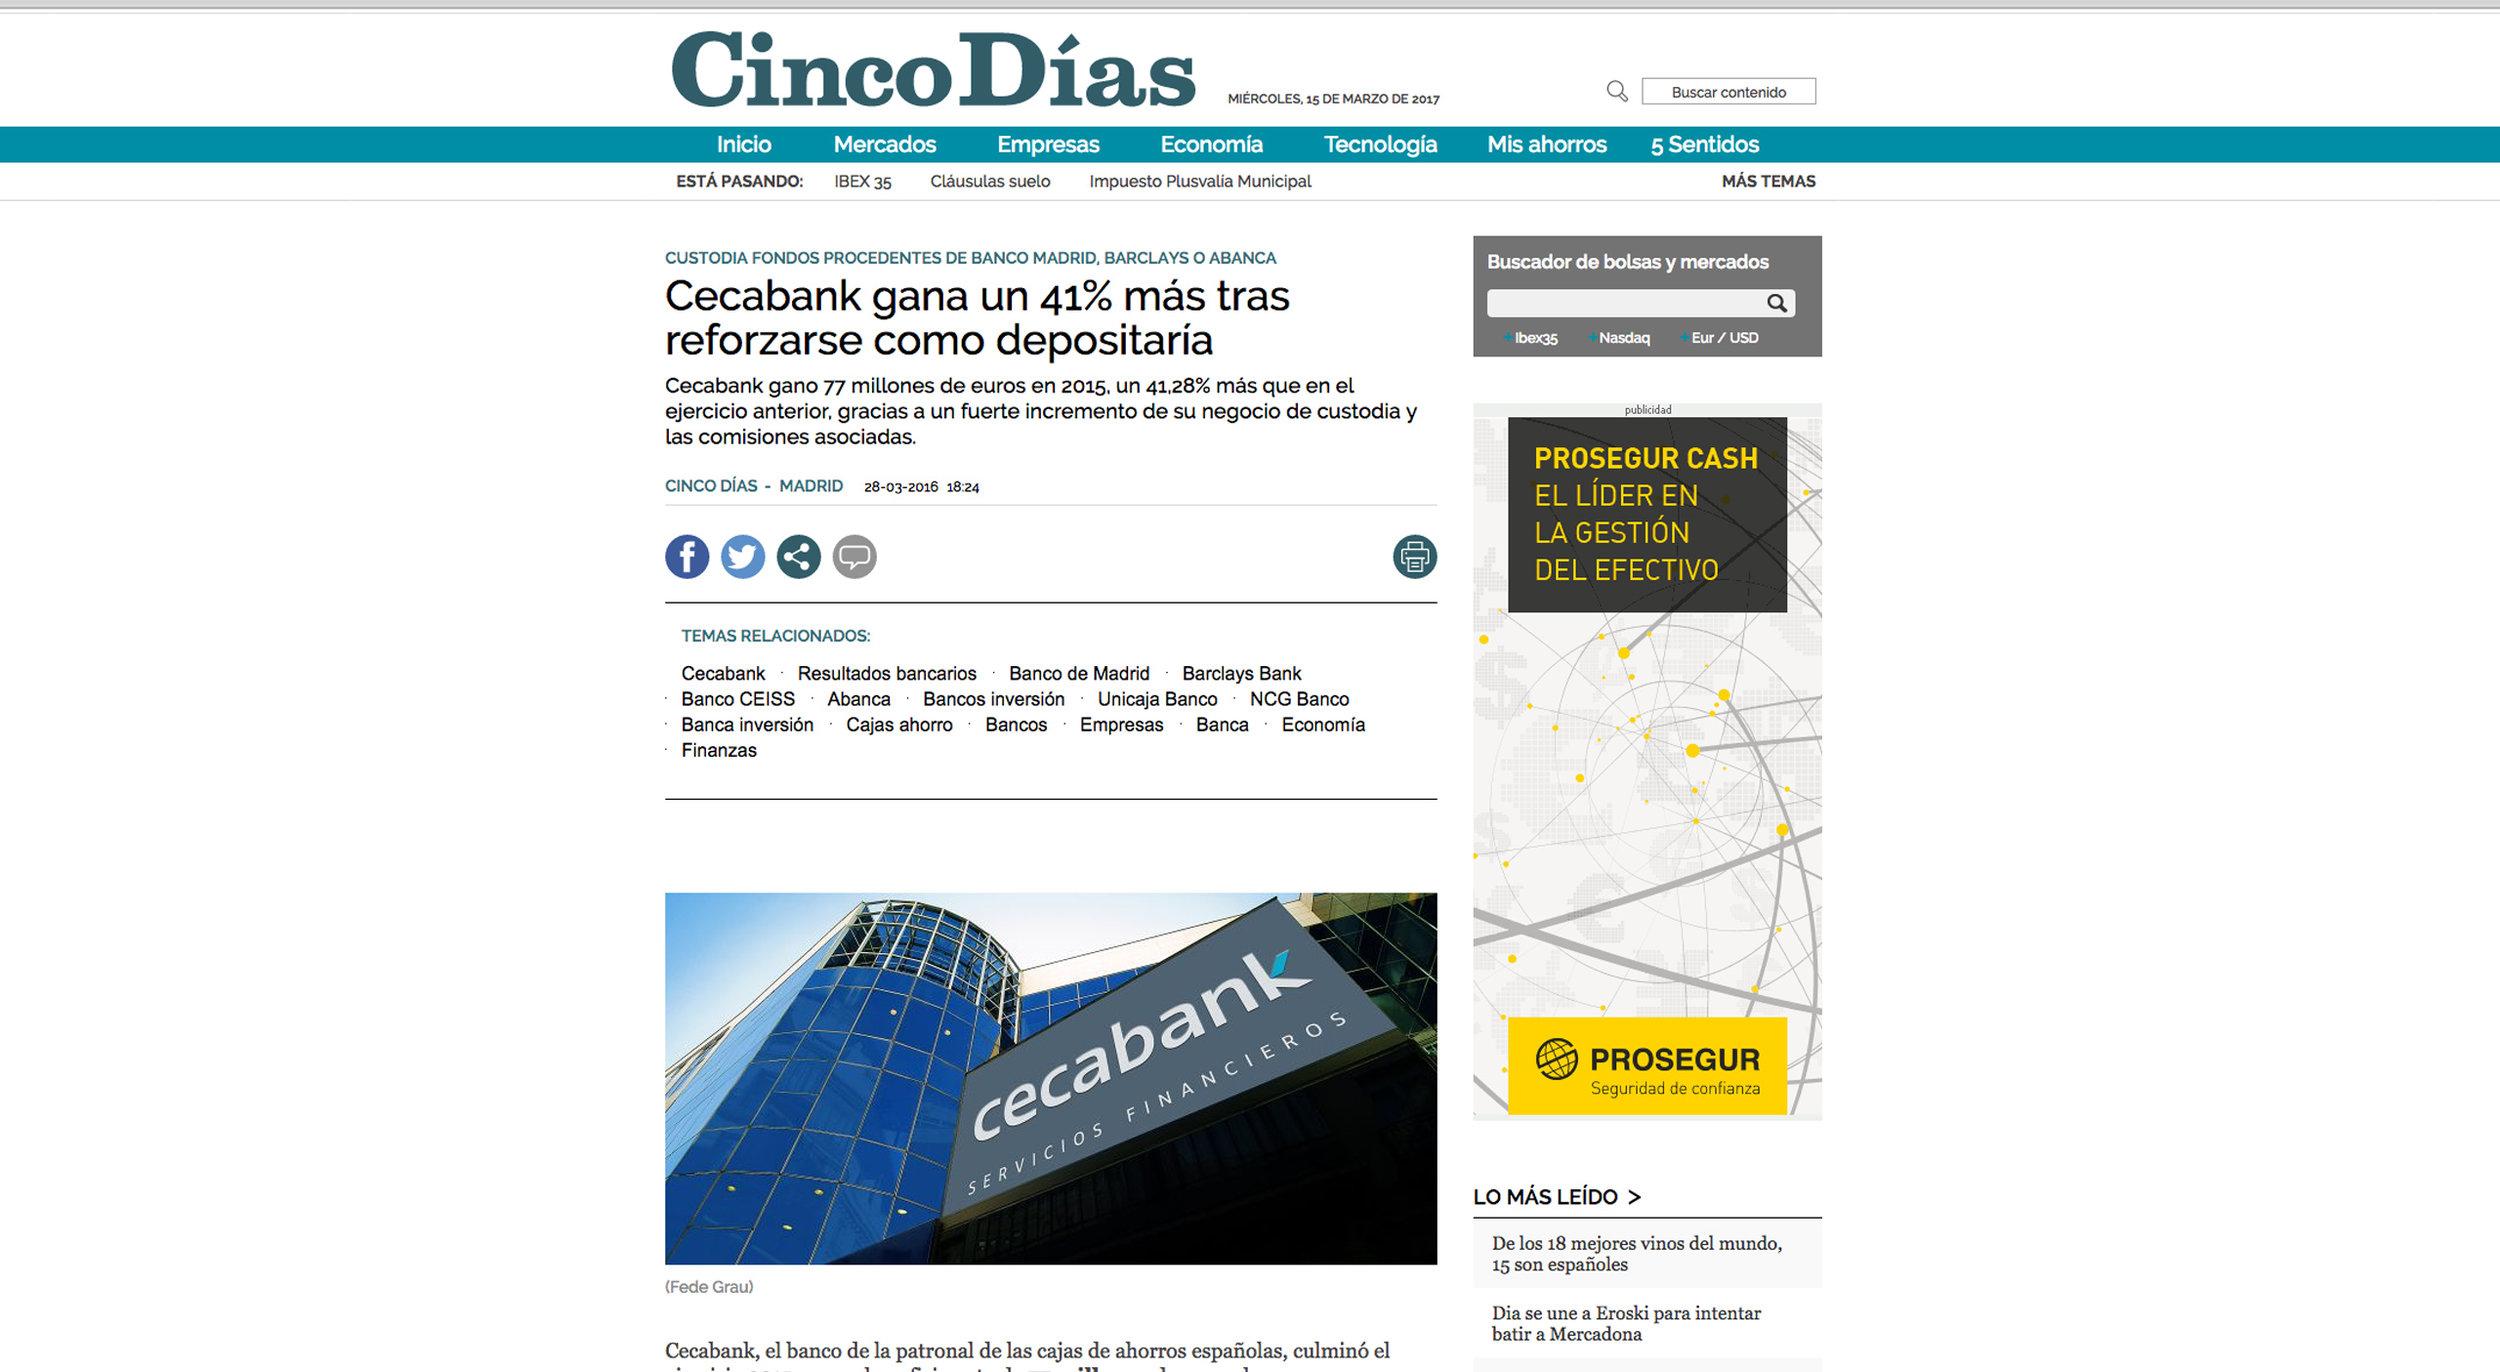 Cincodias-28032016-Captura de pantalla.jpg